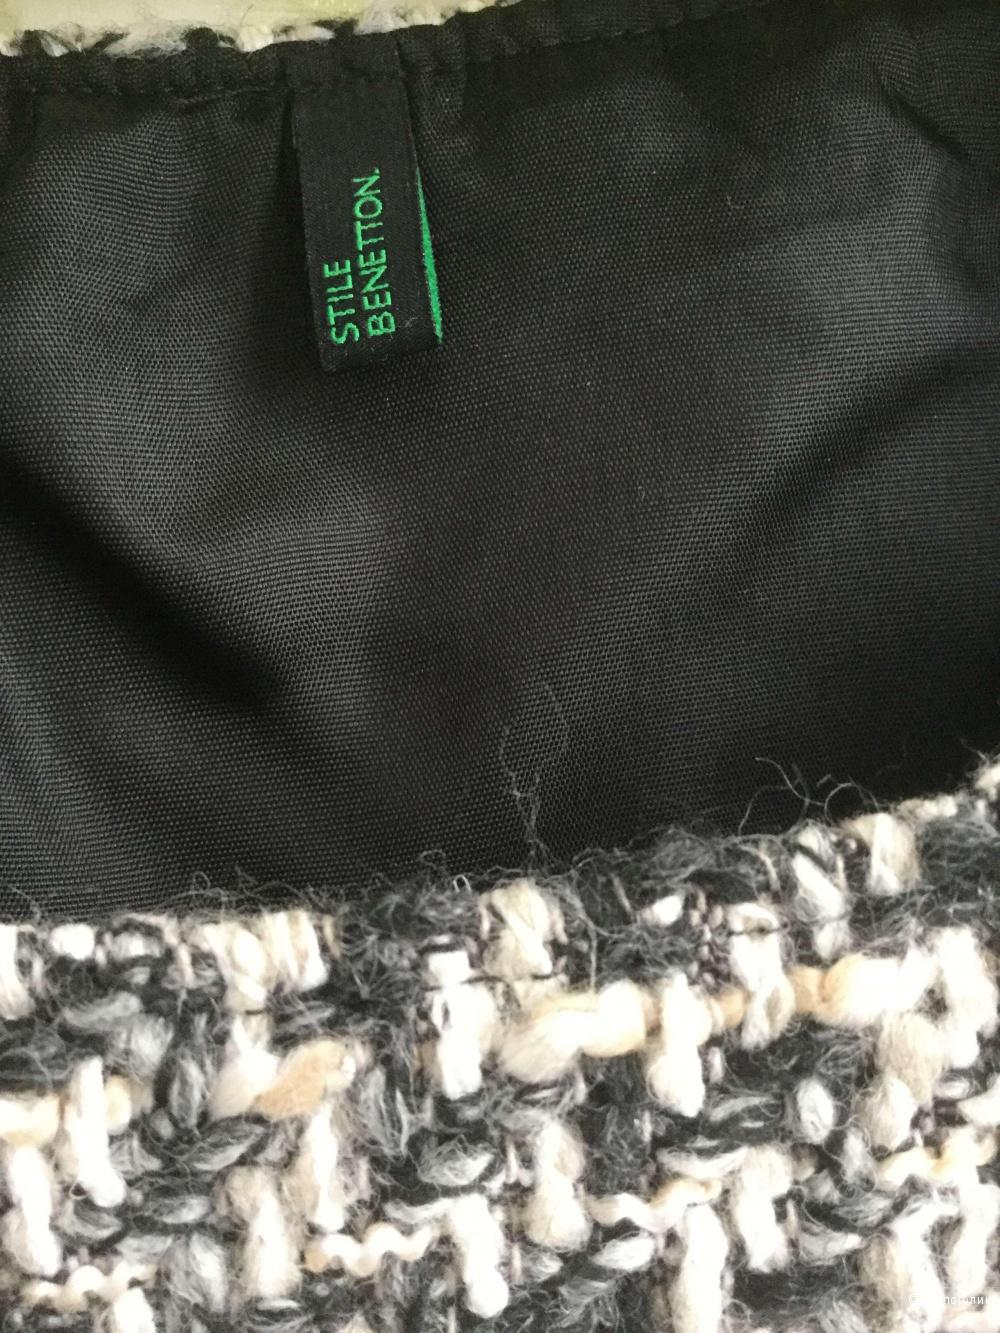 Теплое платье Benetton, размер XS